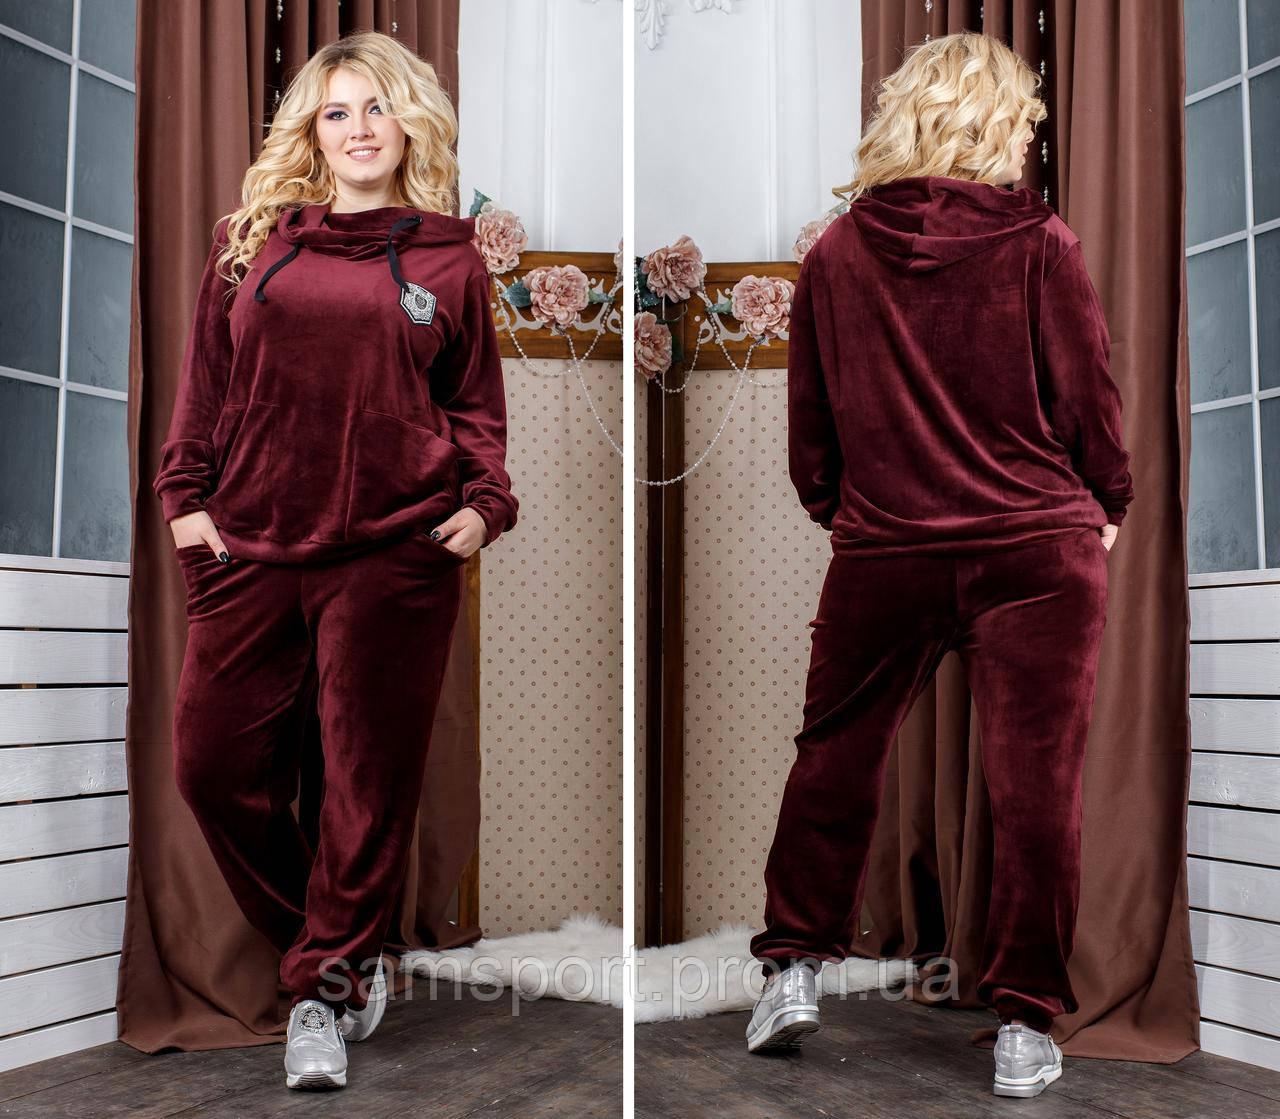 Спортивные костюмы Plus Size. Женская одежда больших размеров оптом